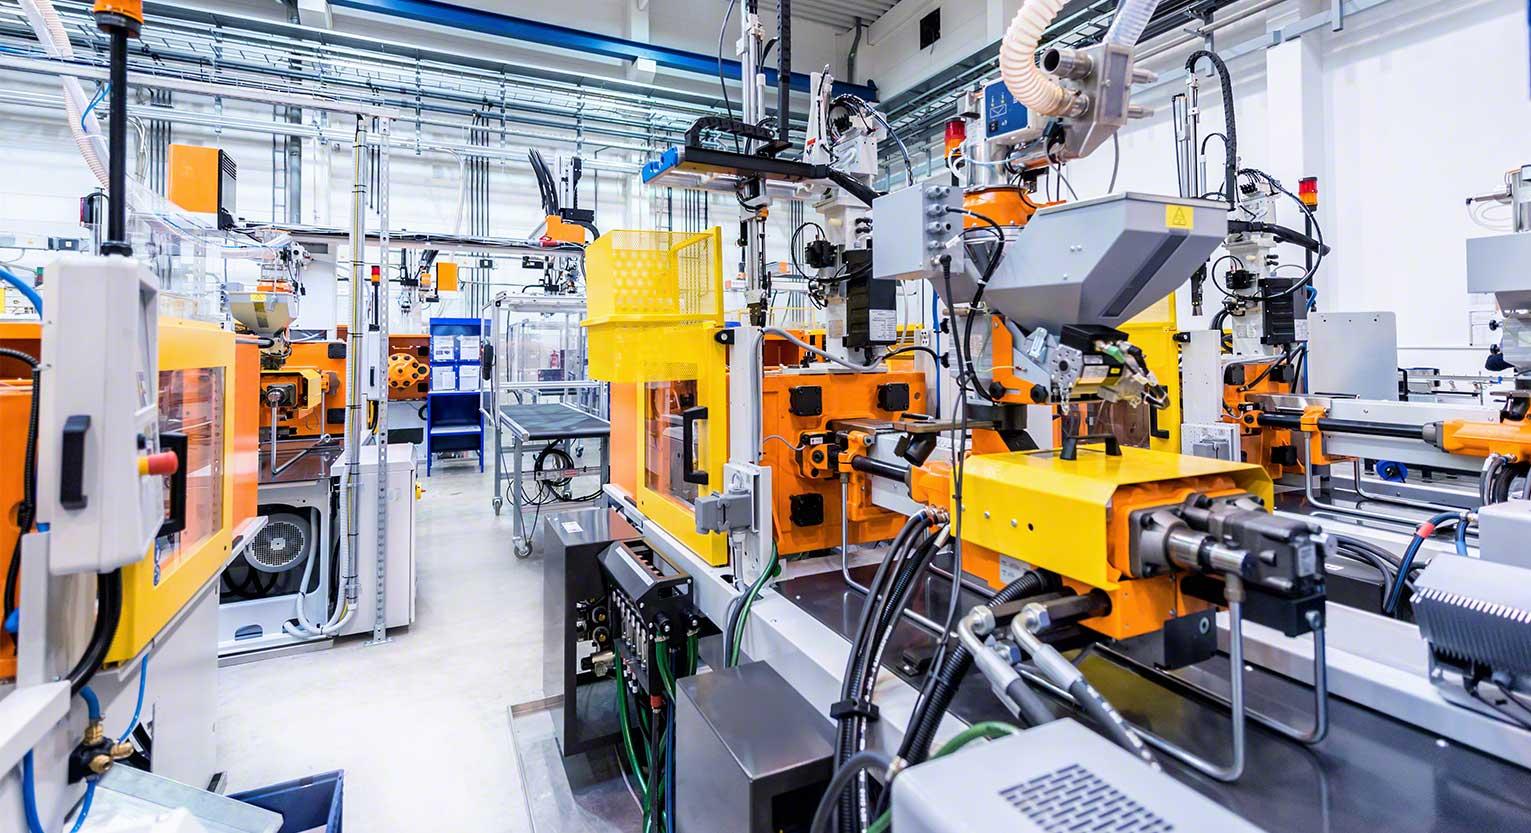 GREMCO mechanical engineering